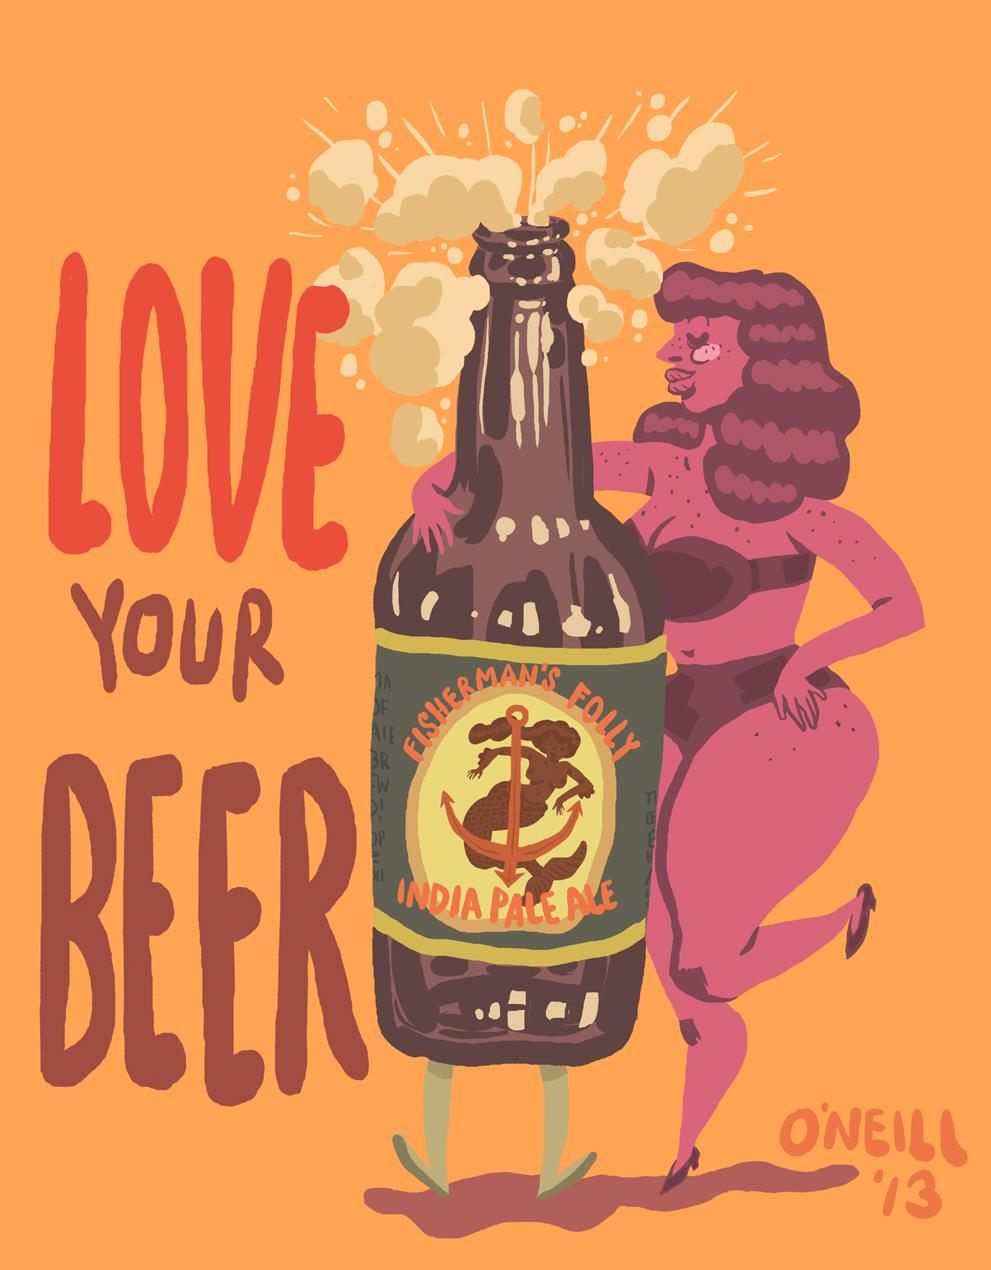 Love_beer_OLD.jpg